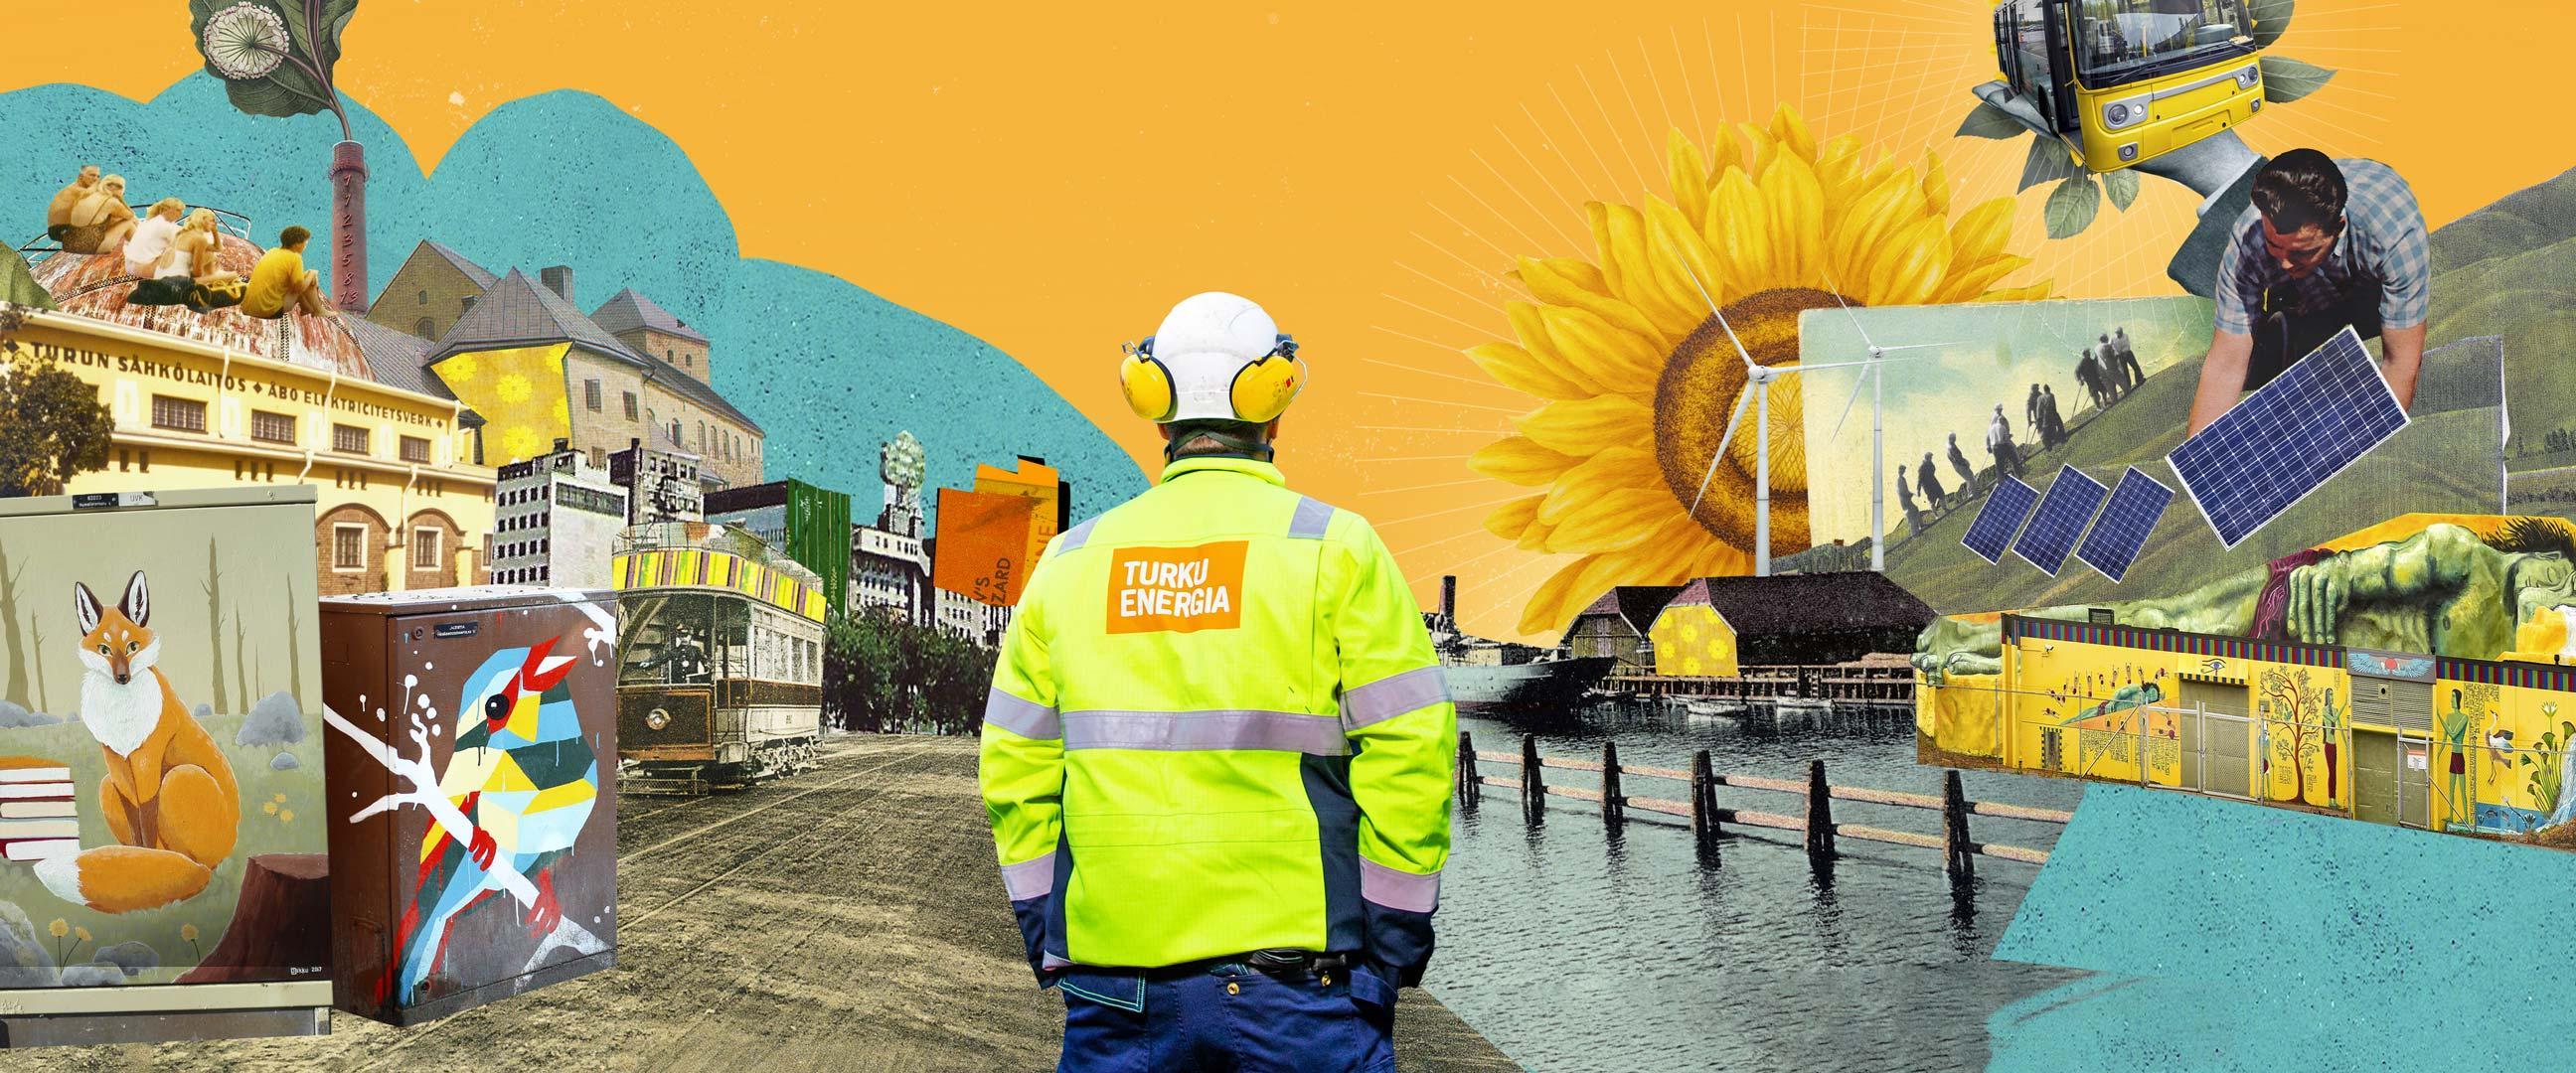 Turku Energia pyrkii teoillaan vaikuttamaan Turun seudun ja sen asukkaiden hyvinvointiin.